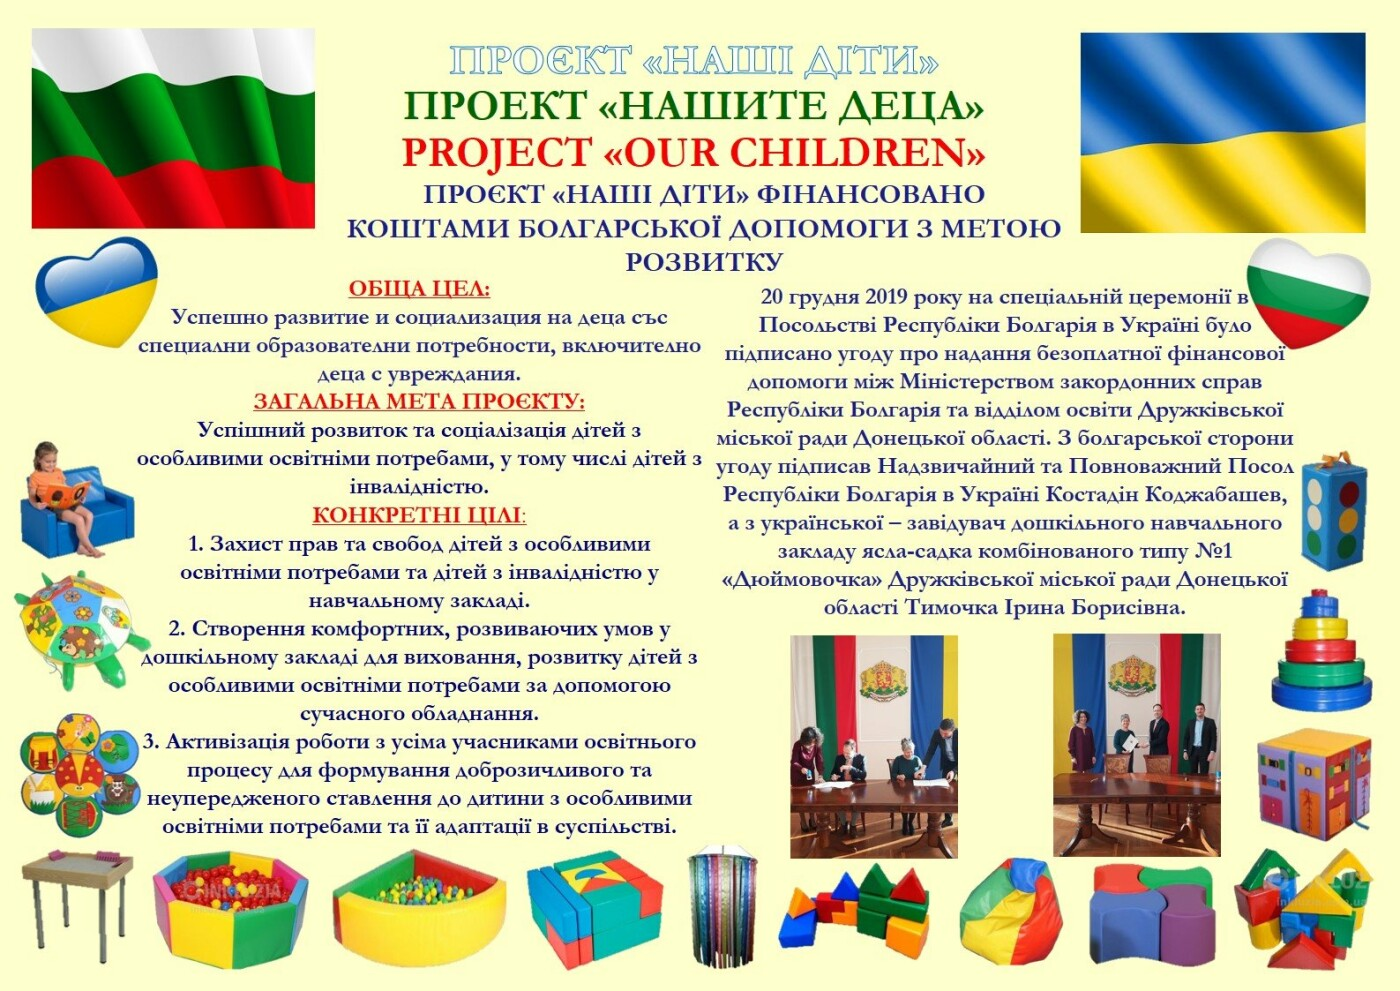 Дружковка: Детсад «Дюймовочка» получит от правительства Болгарии помощь почти на  4 тысячи евро, фото-2